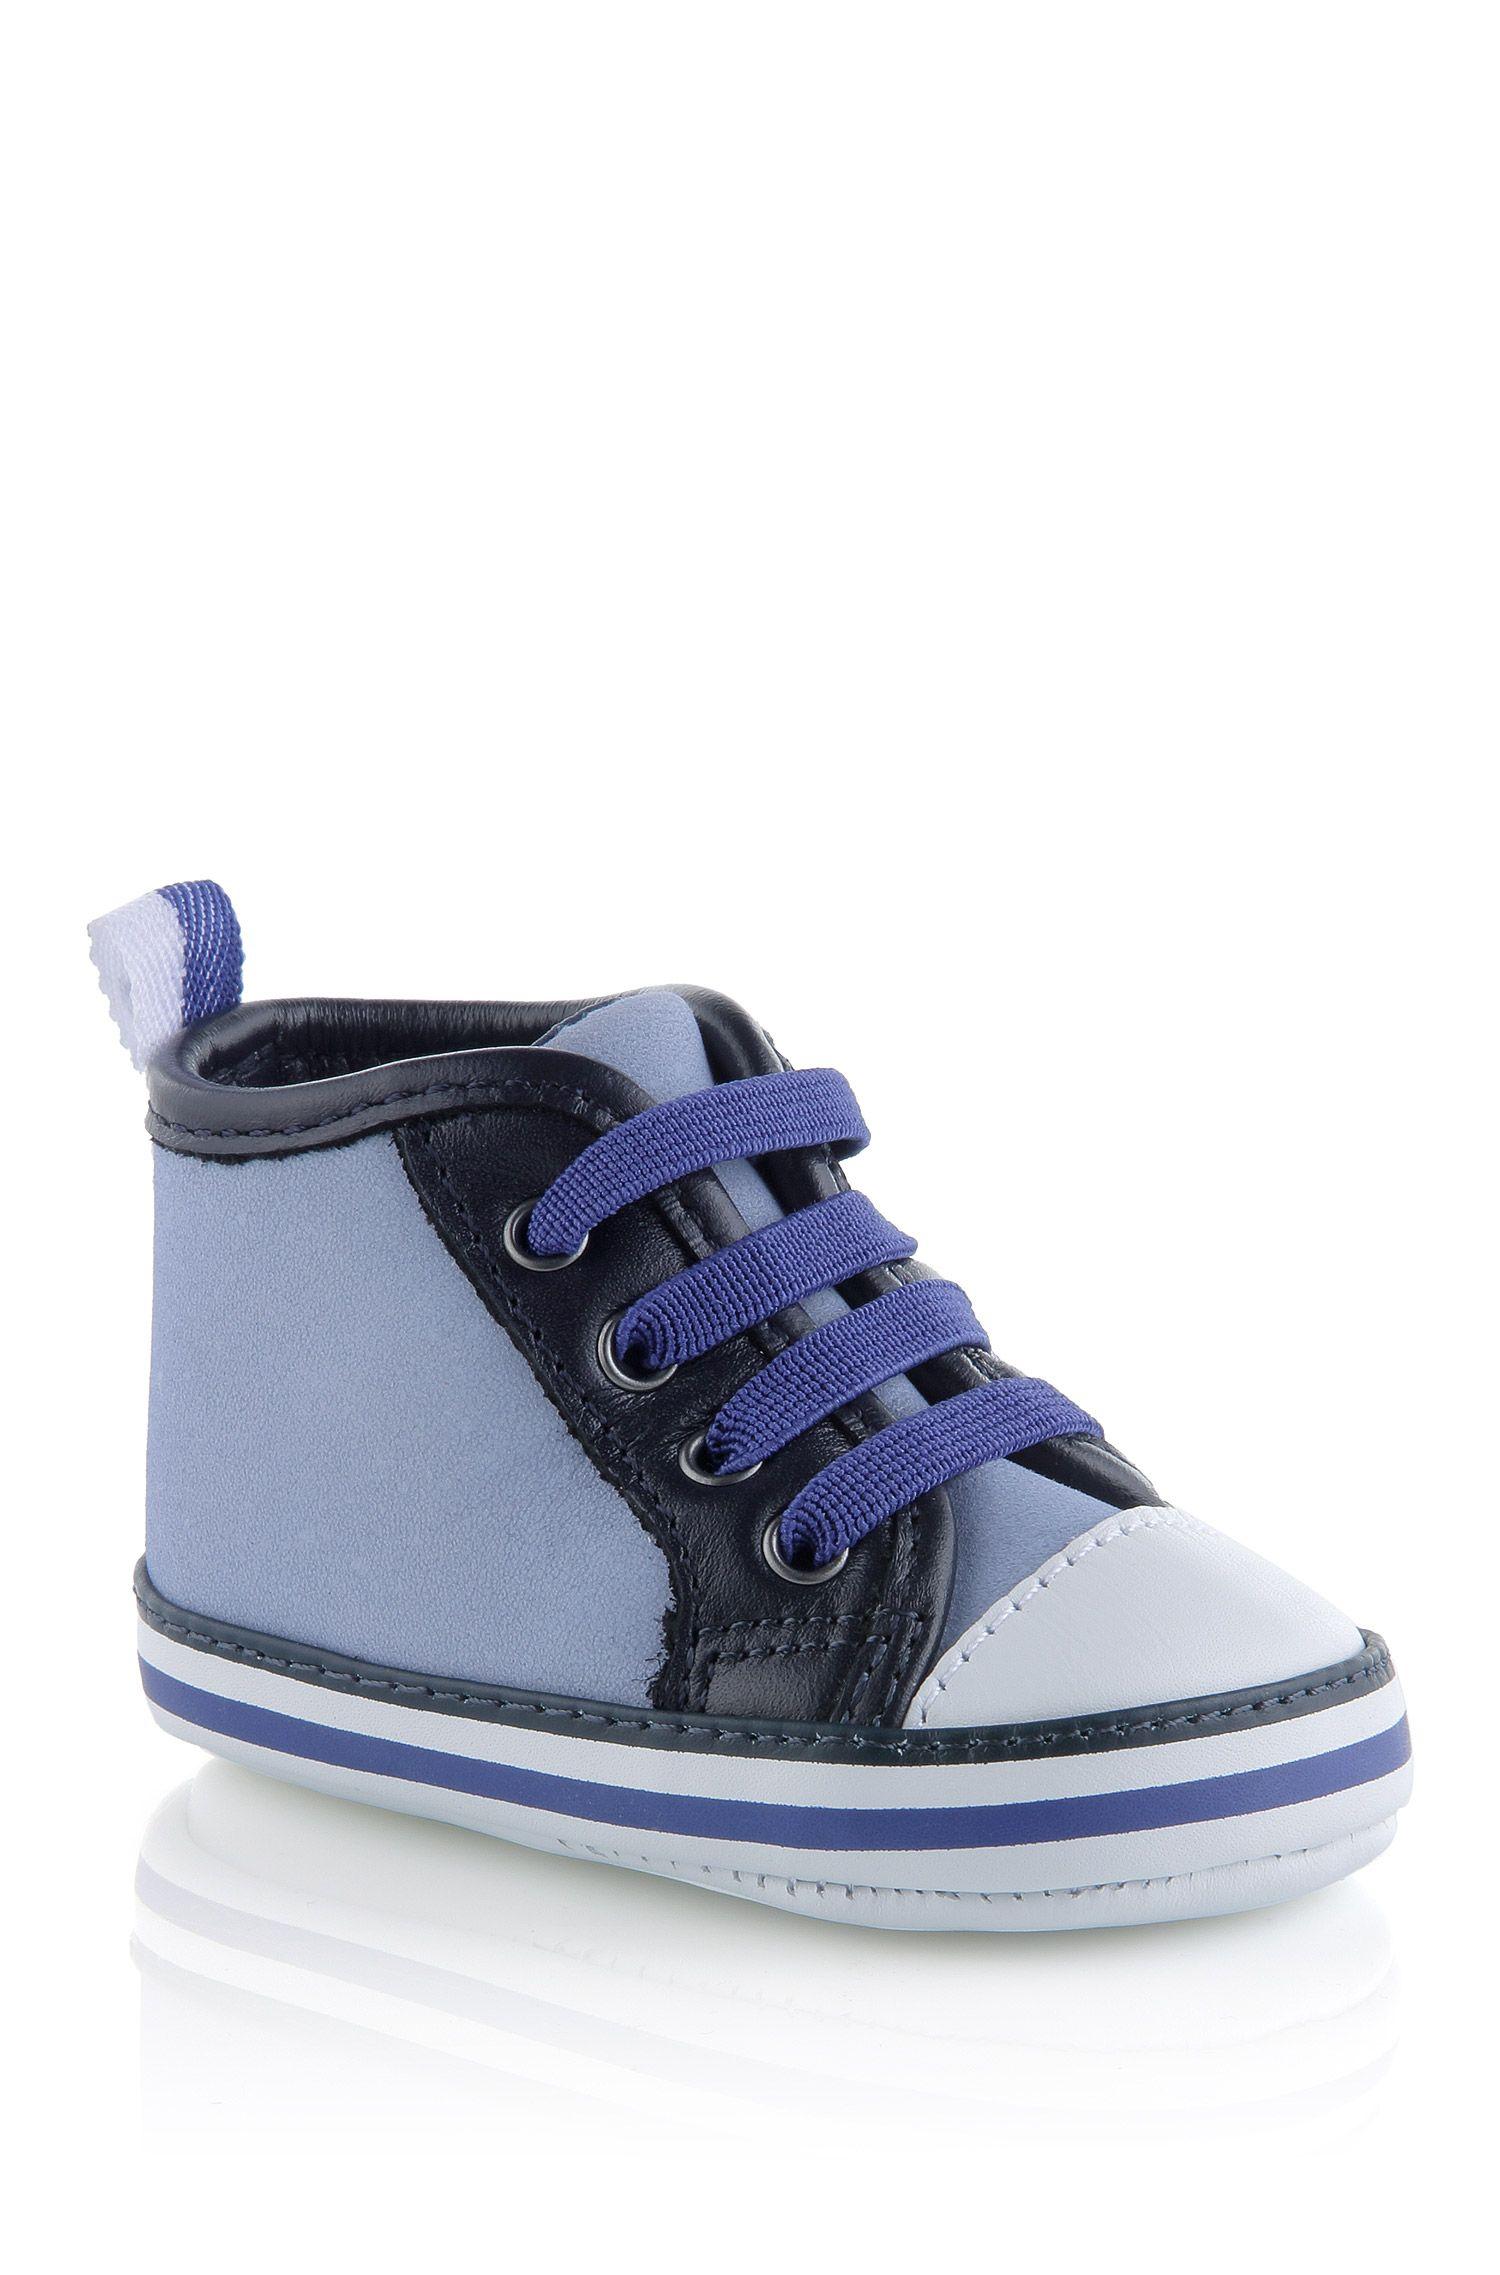 Chaussures pour bébé «J99035» en daim